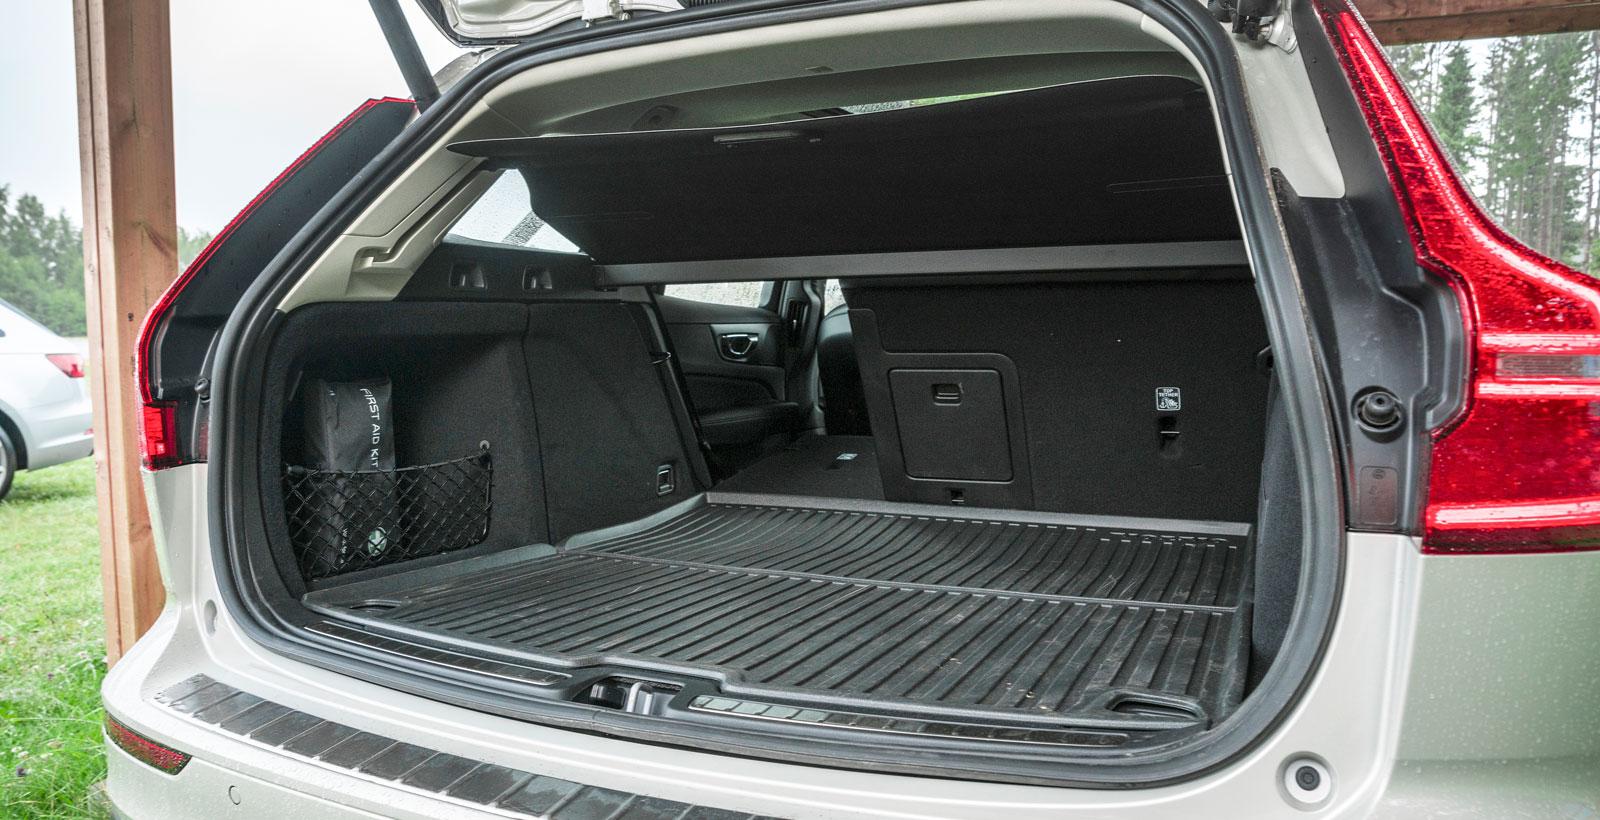 Alla mått för bagageutrymmet i nya V60 är klart större än för den gamla. Tillgängligheten är också bättre, tack vare att de bakre takstolparna rätats upp. Volymökningen till trots kunde vi inte lasta in fler backar i den nya bilen jämfört med den gamla.